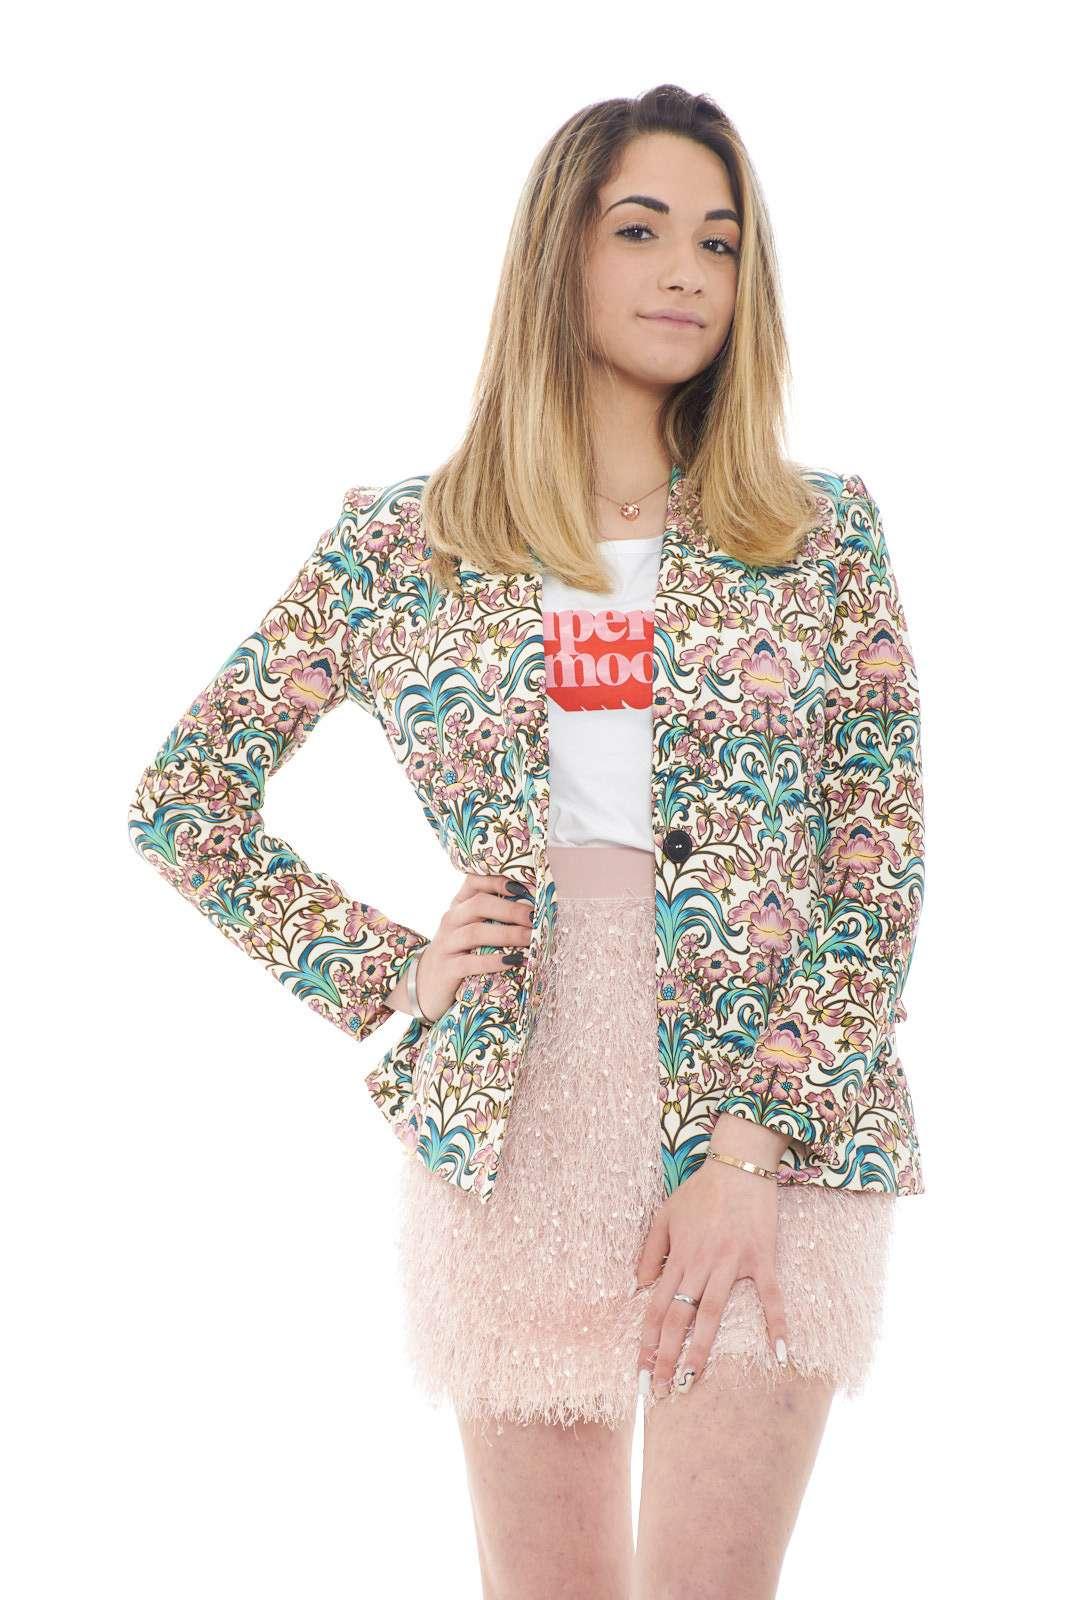 Estiva e coloratissima la nuova giacca proposta dalla collezione donna Dixie. Da abbinare con un pantalone o una gonna, è un capo raffinato e versatile. Da indossare per una cerimonia o per un'occasione casual, è un vero must have.